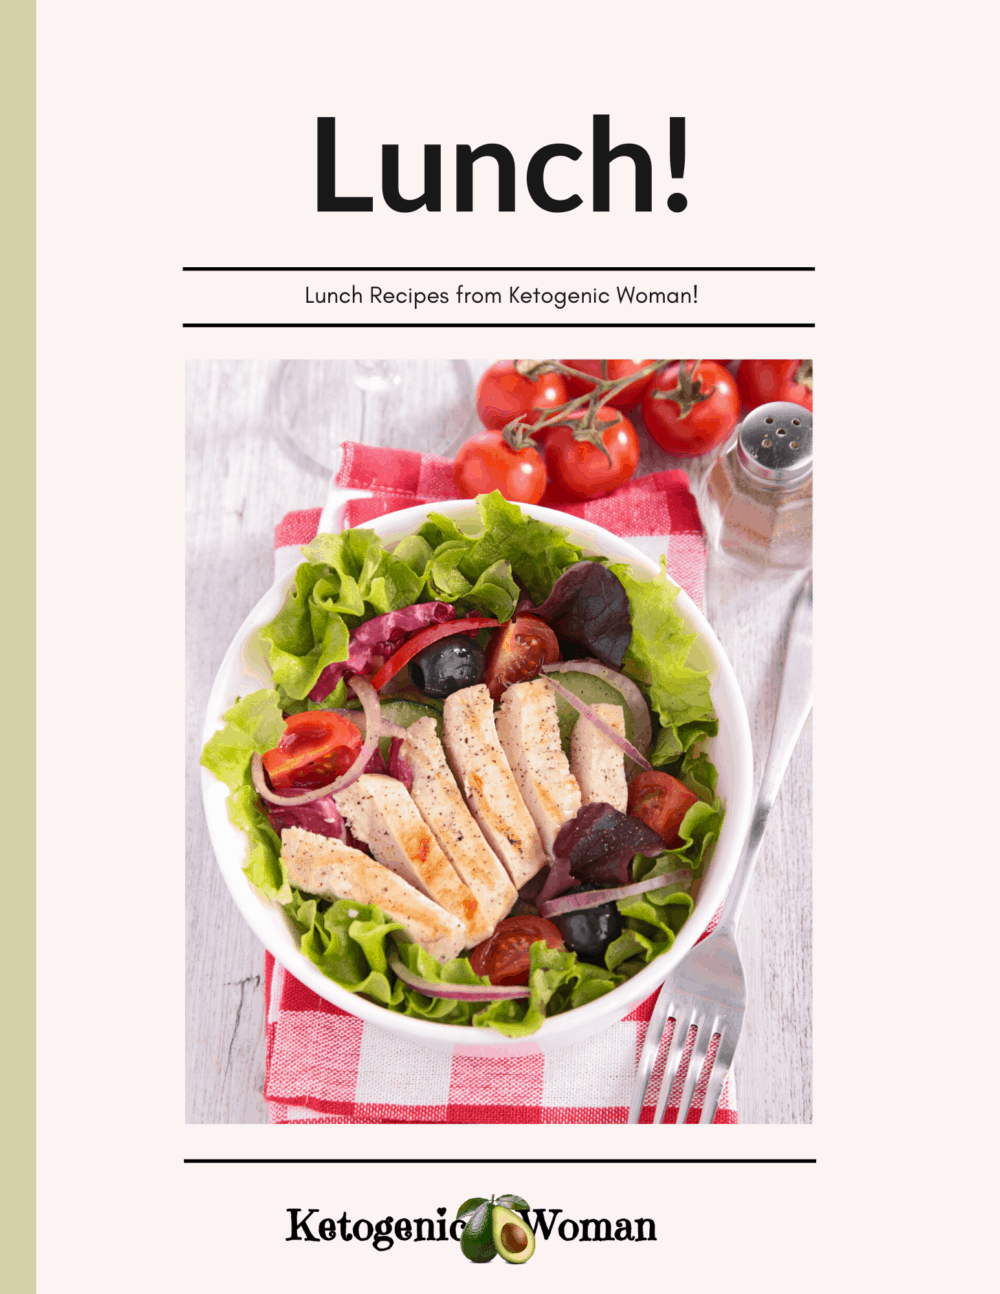 Keto lunch recipe book cover